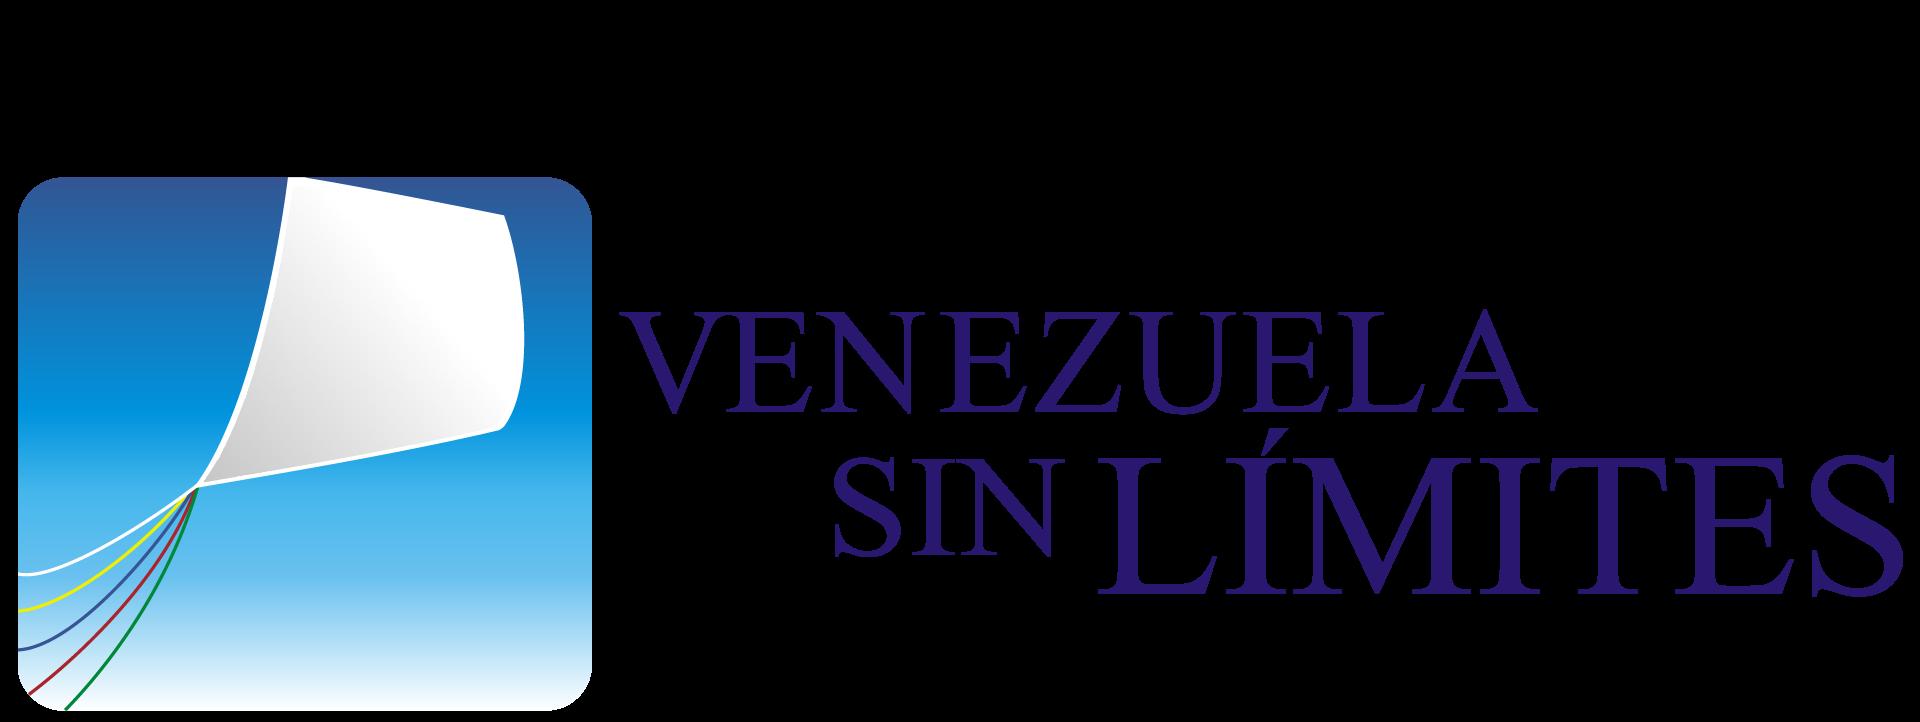 Fundación Venezuela Sin Límites